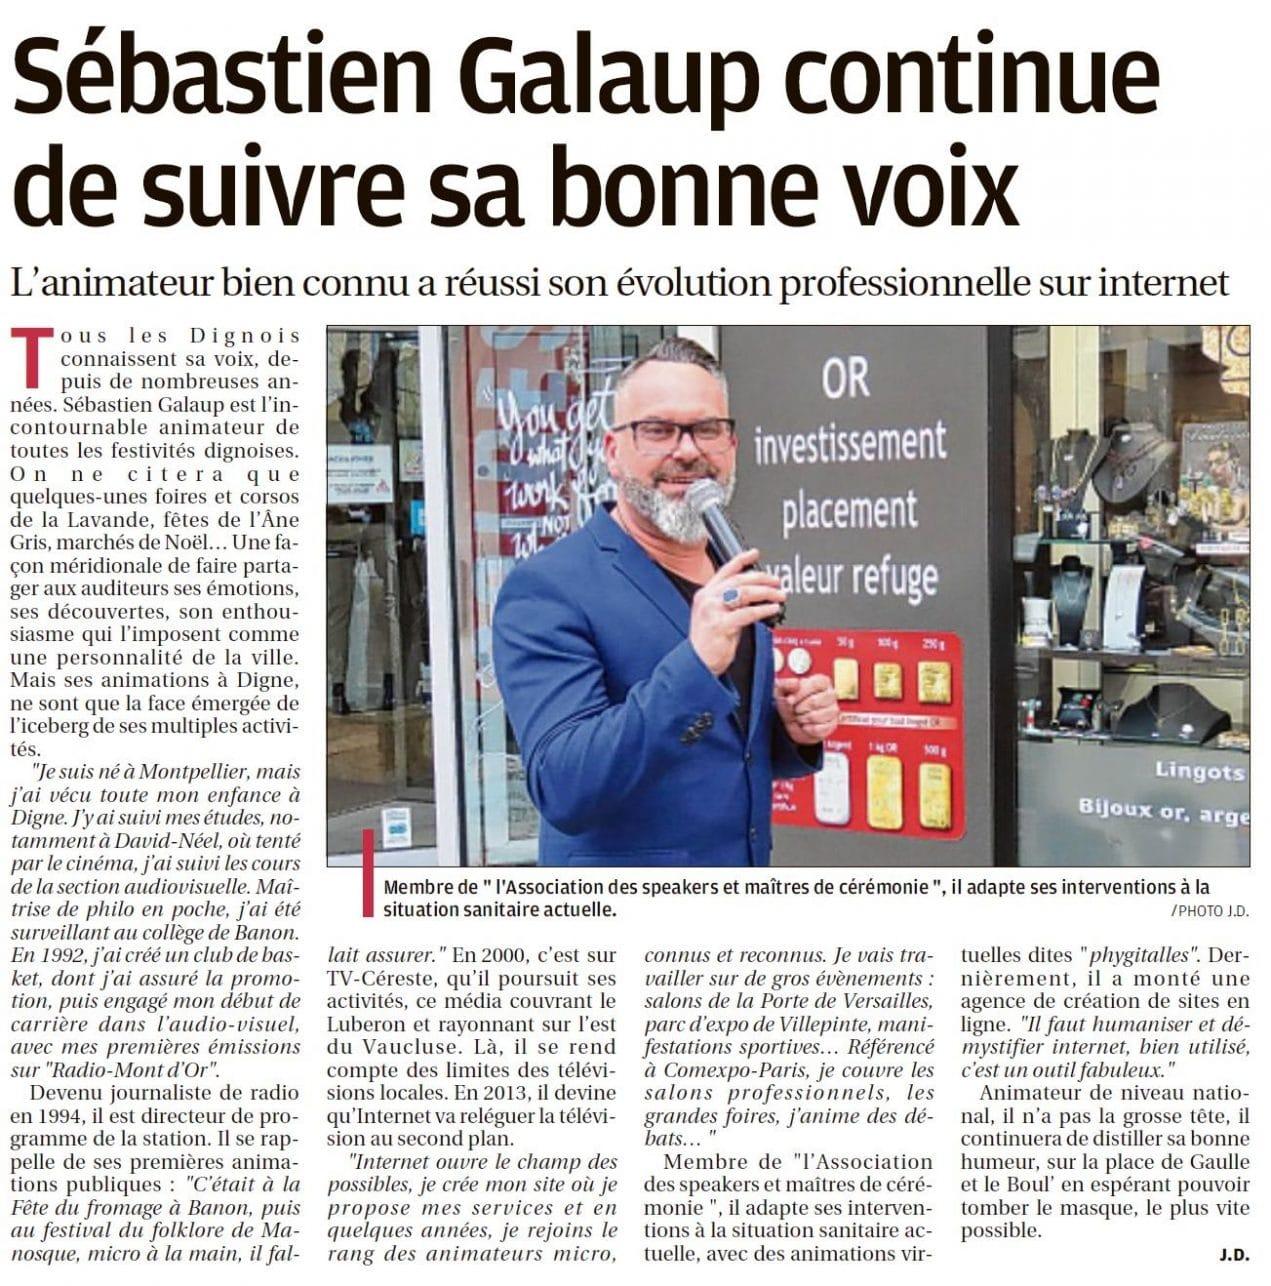 Article-journal-presse écrite-Sébastien Galaup